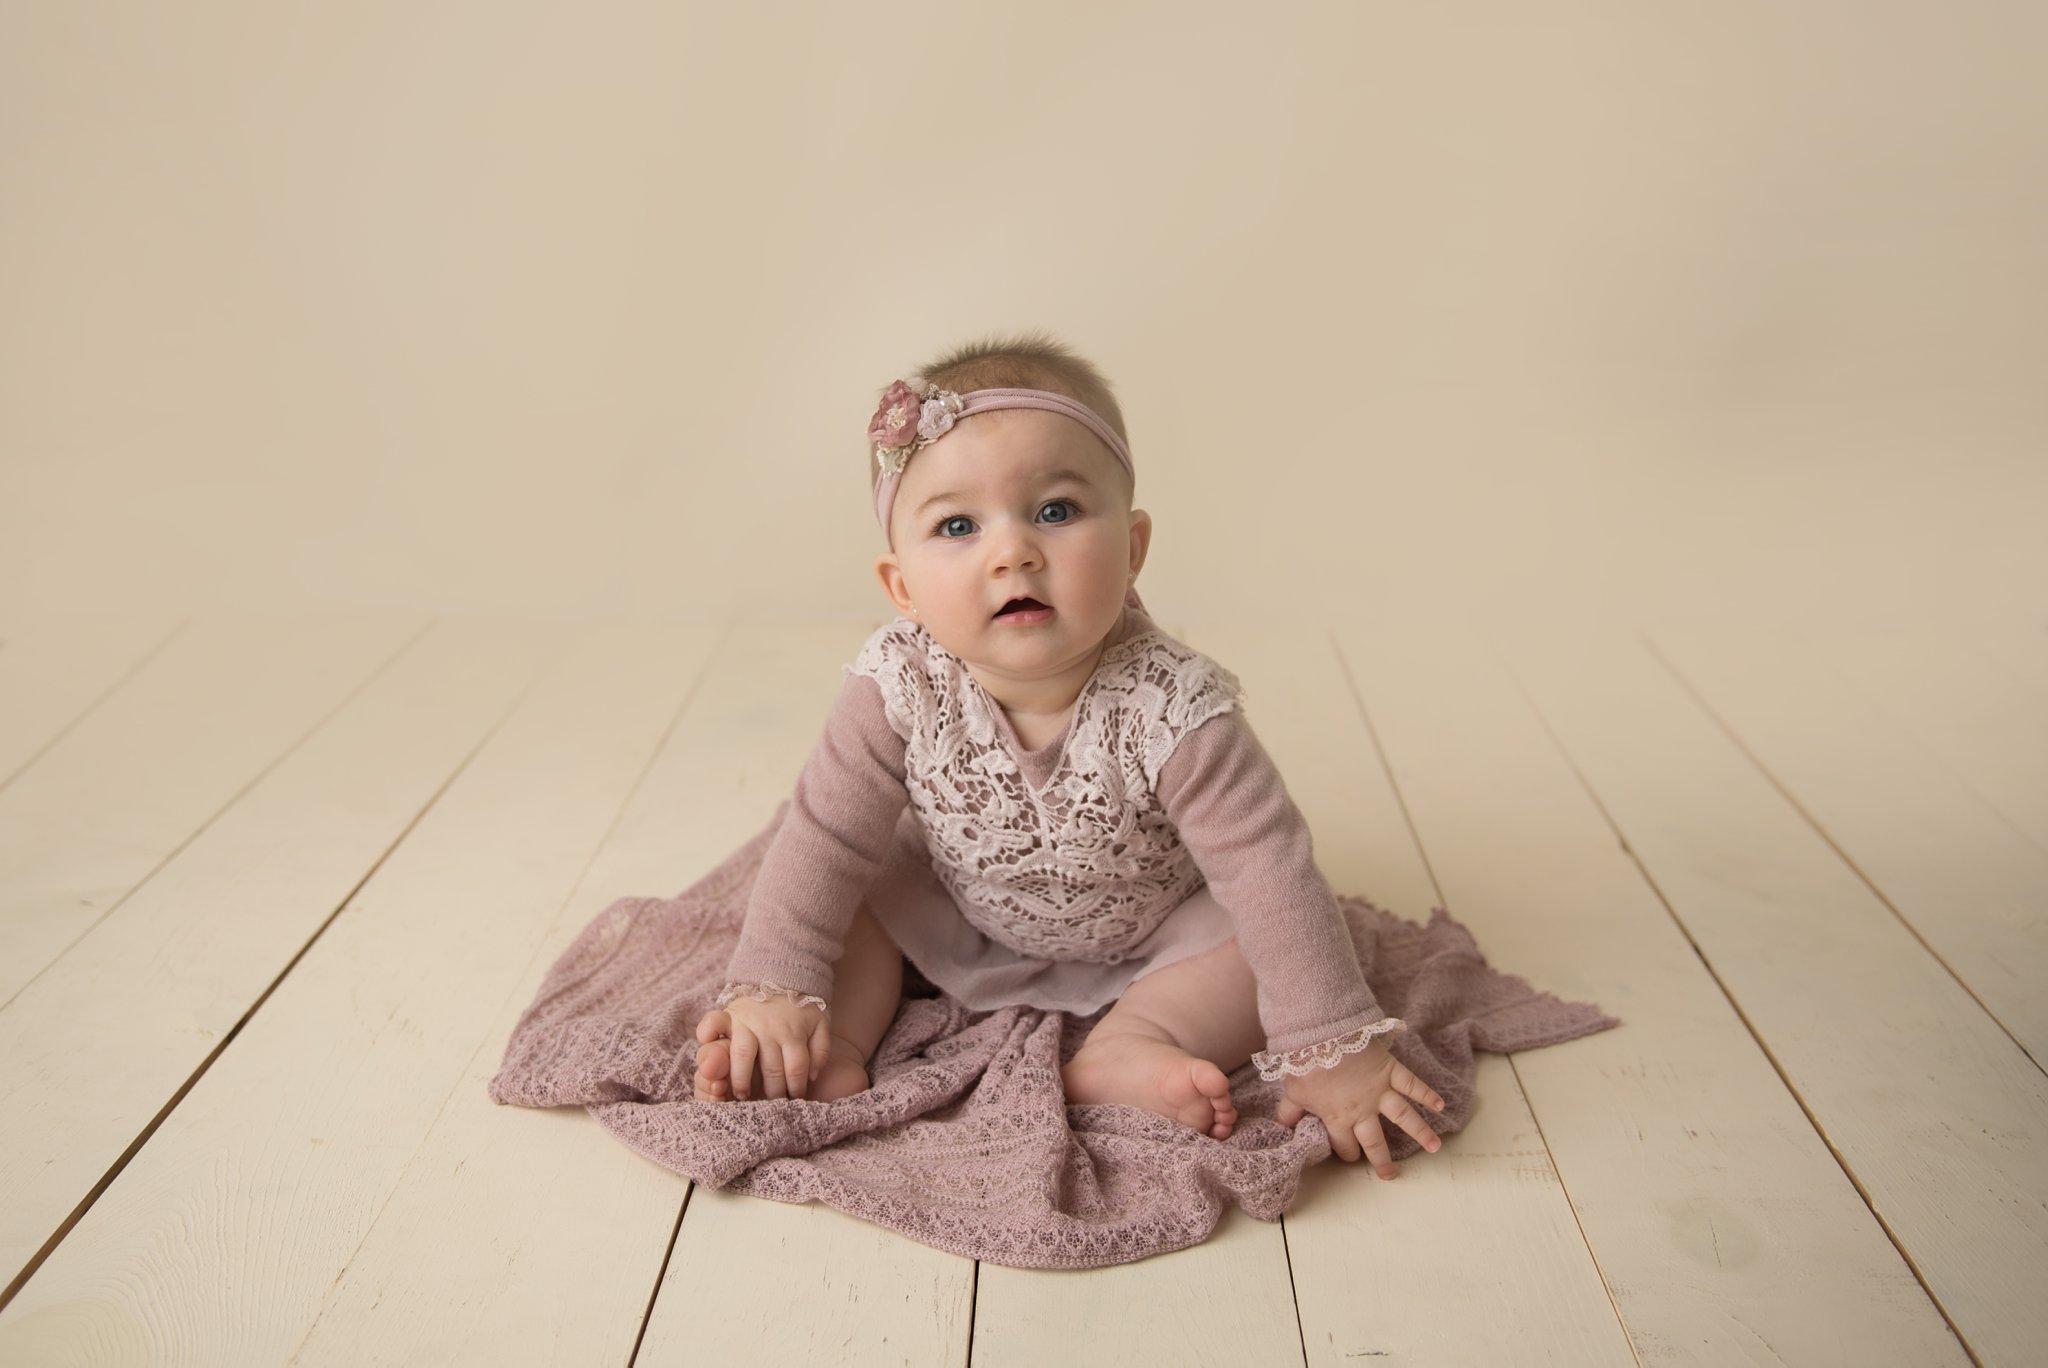 baby-milestone-photography-columbusohio_0001.jpg